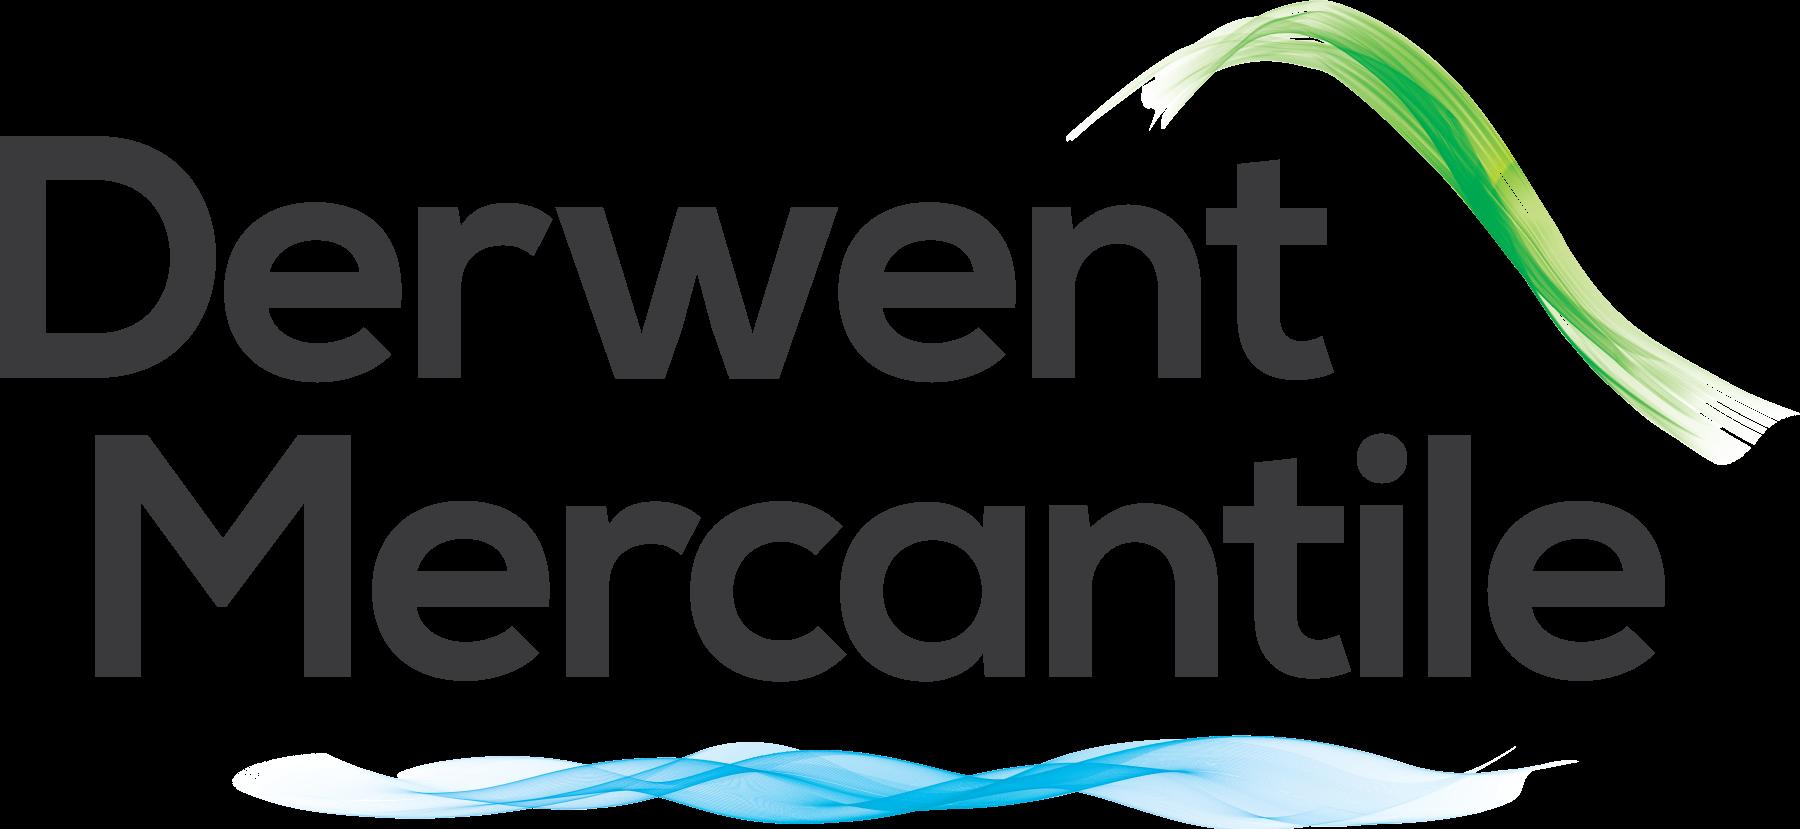 Derwent Mercantile